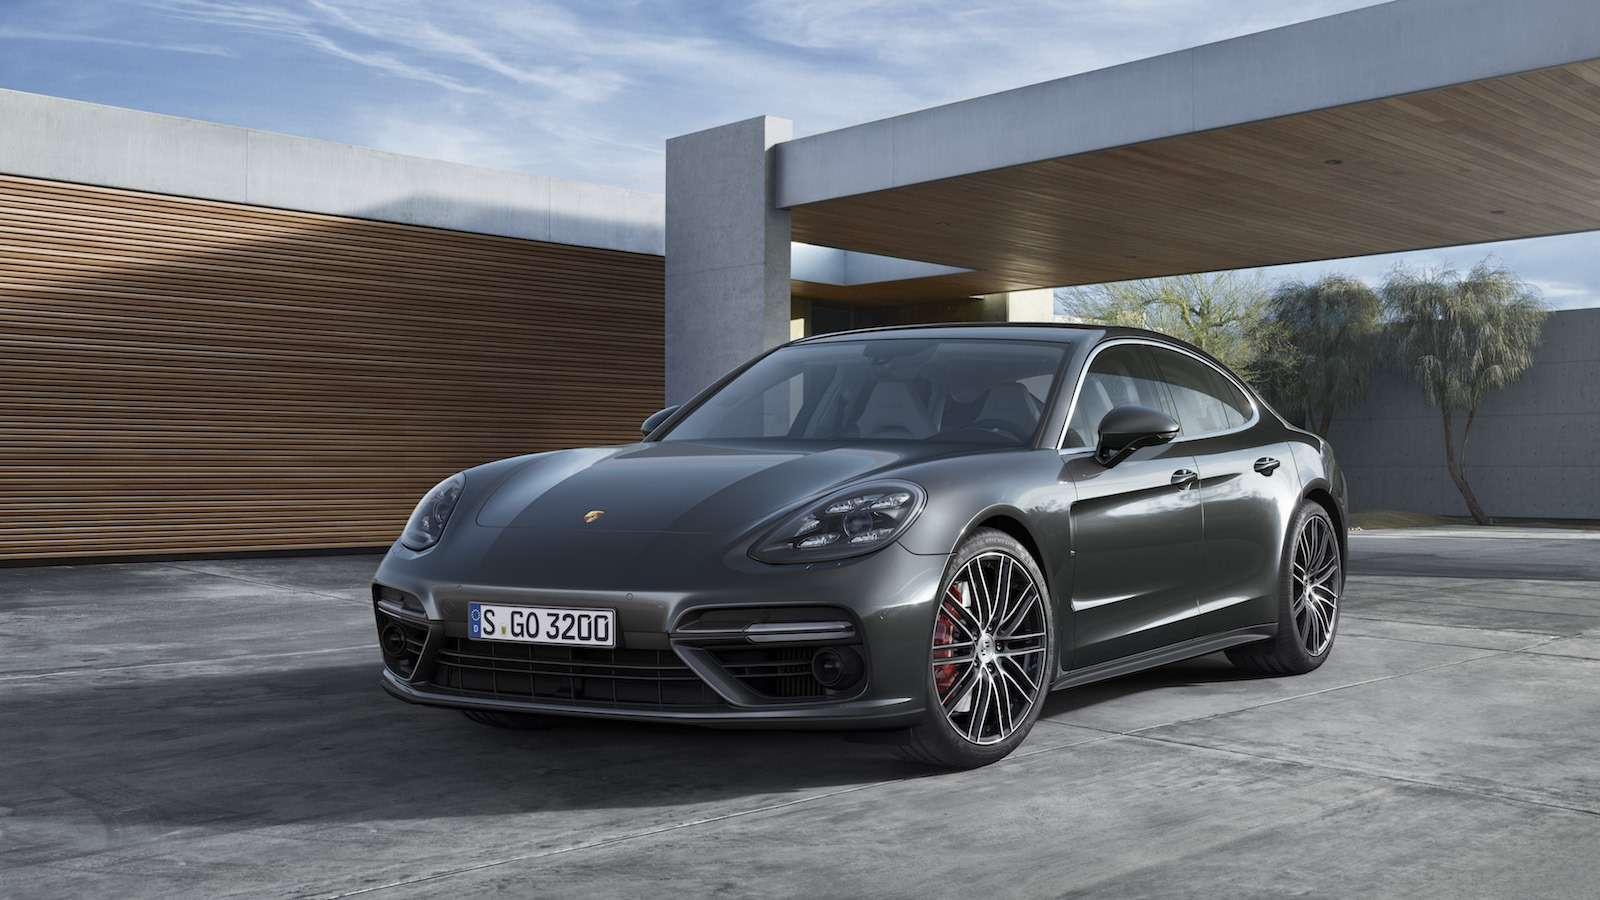 Новую Porsche Panamera показали российским СМИ— фото 630865